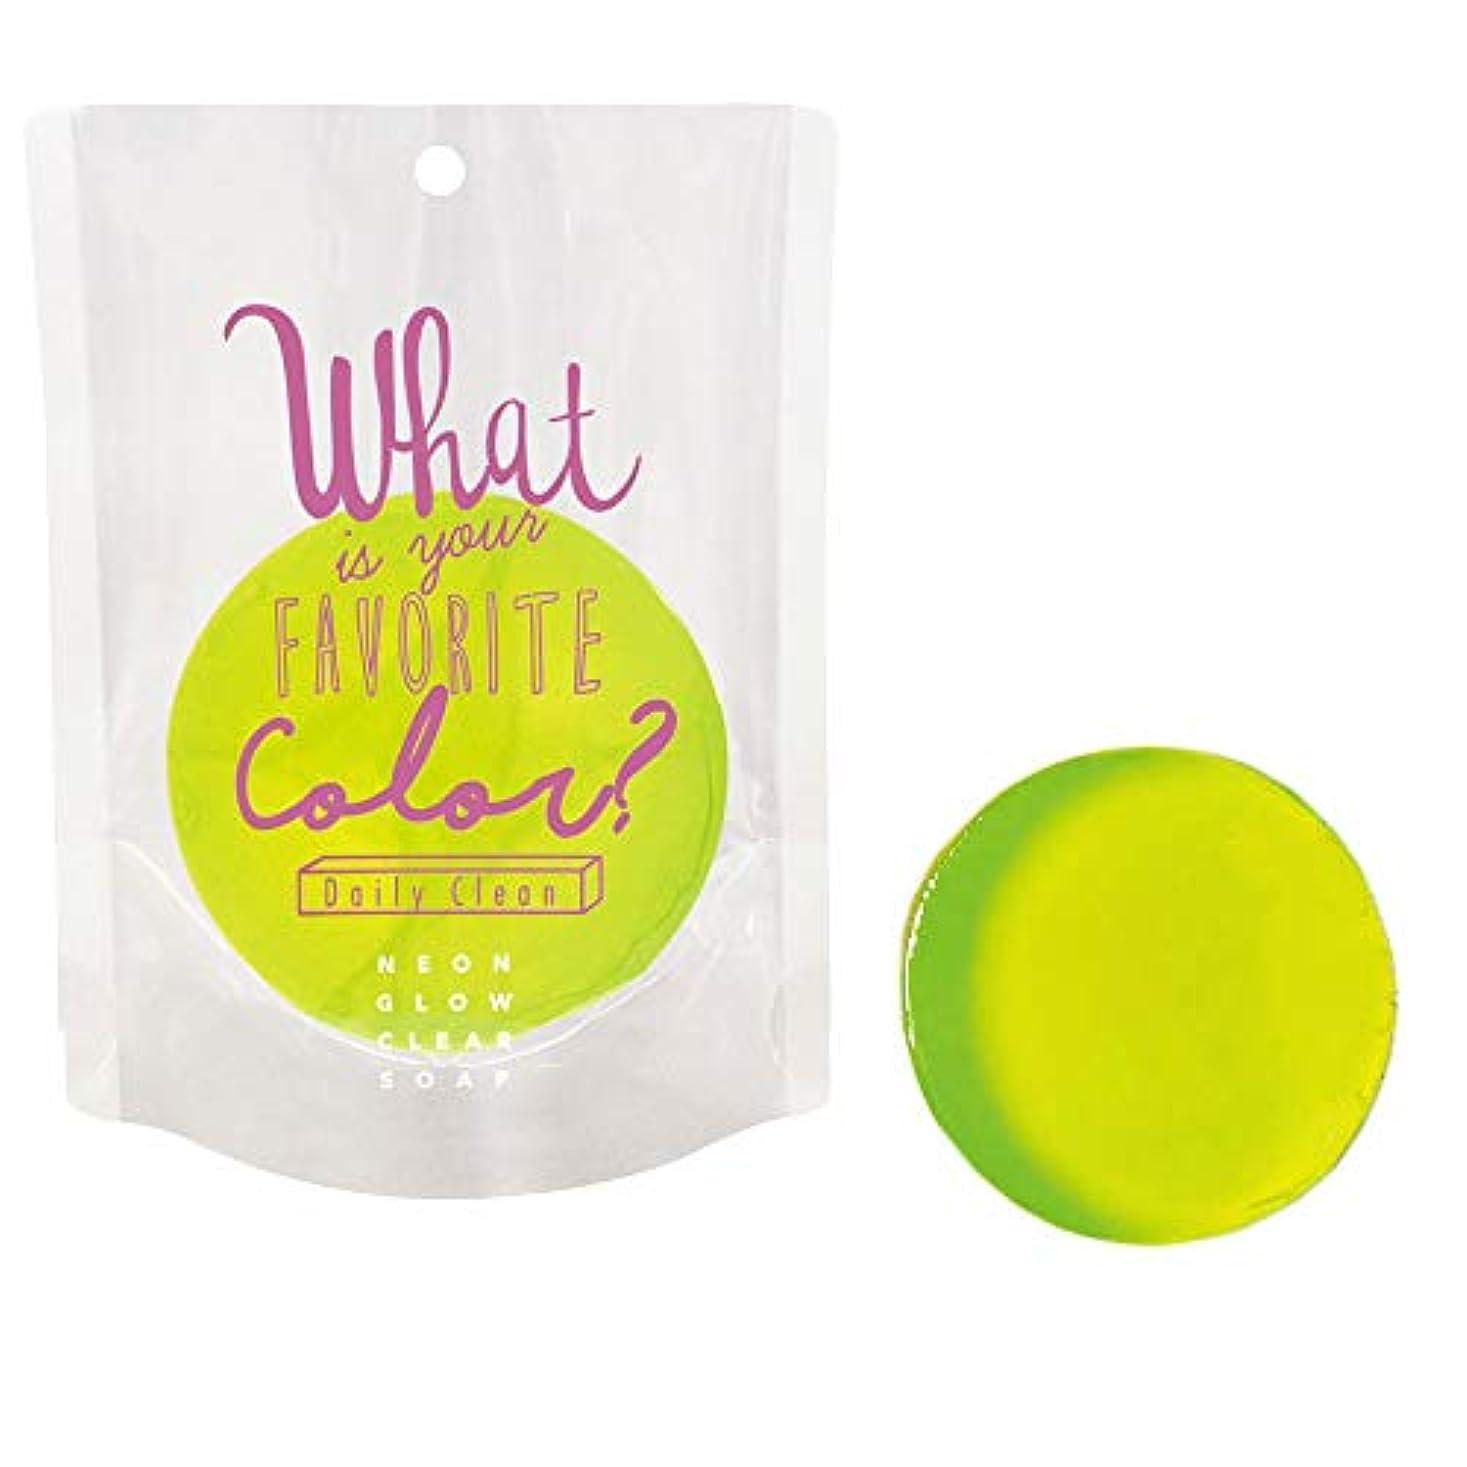 ライバルリファイン橋脚ネオングロークリアソープ ob-ngw-2-1-4(02/パパイヤ) Neon Glow Clear Soap 石鹸 ノルコーポレーション 固形 せっけん カラフル 香り 清潔 ギフト プレゼント